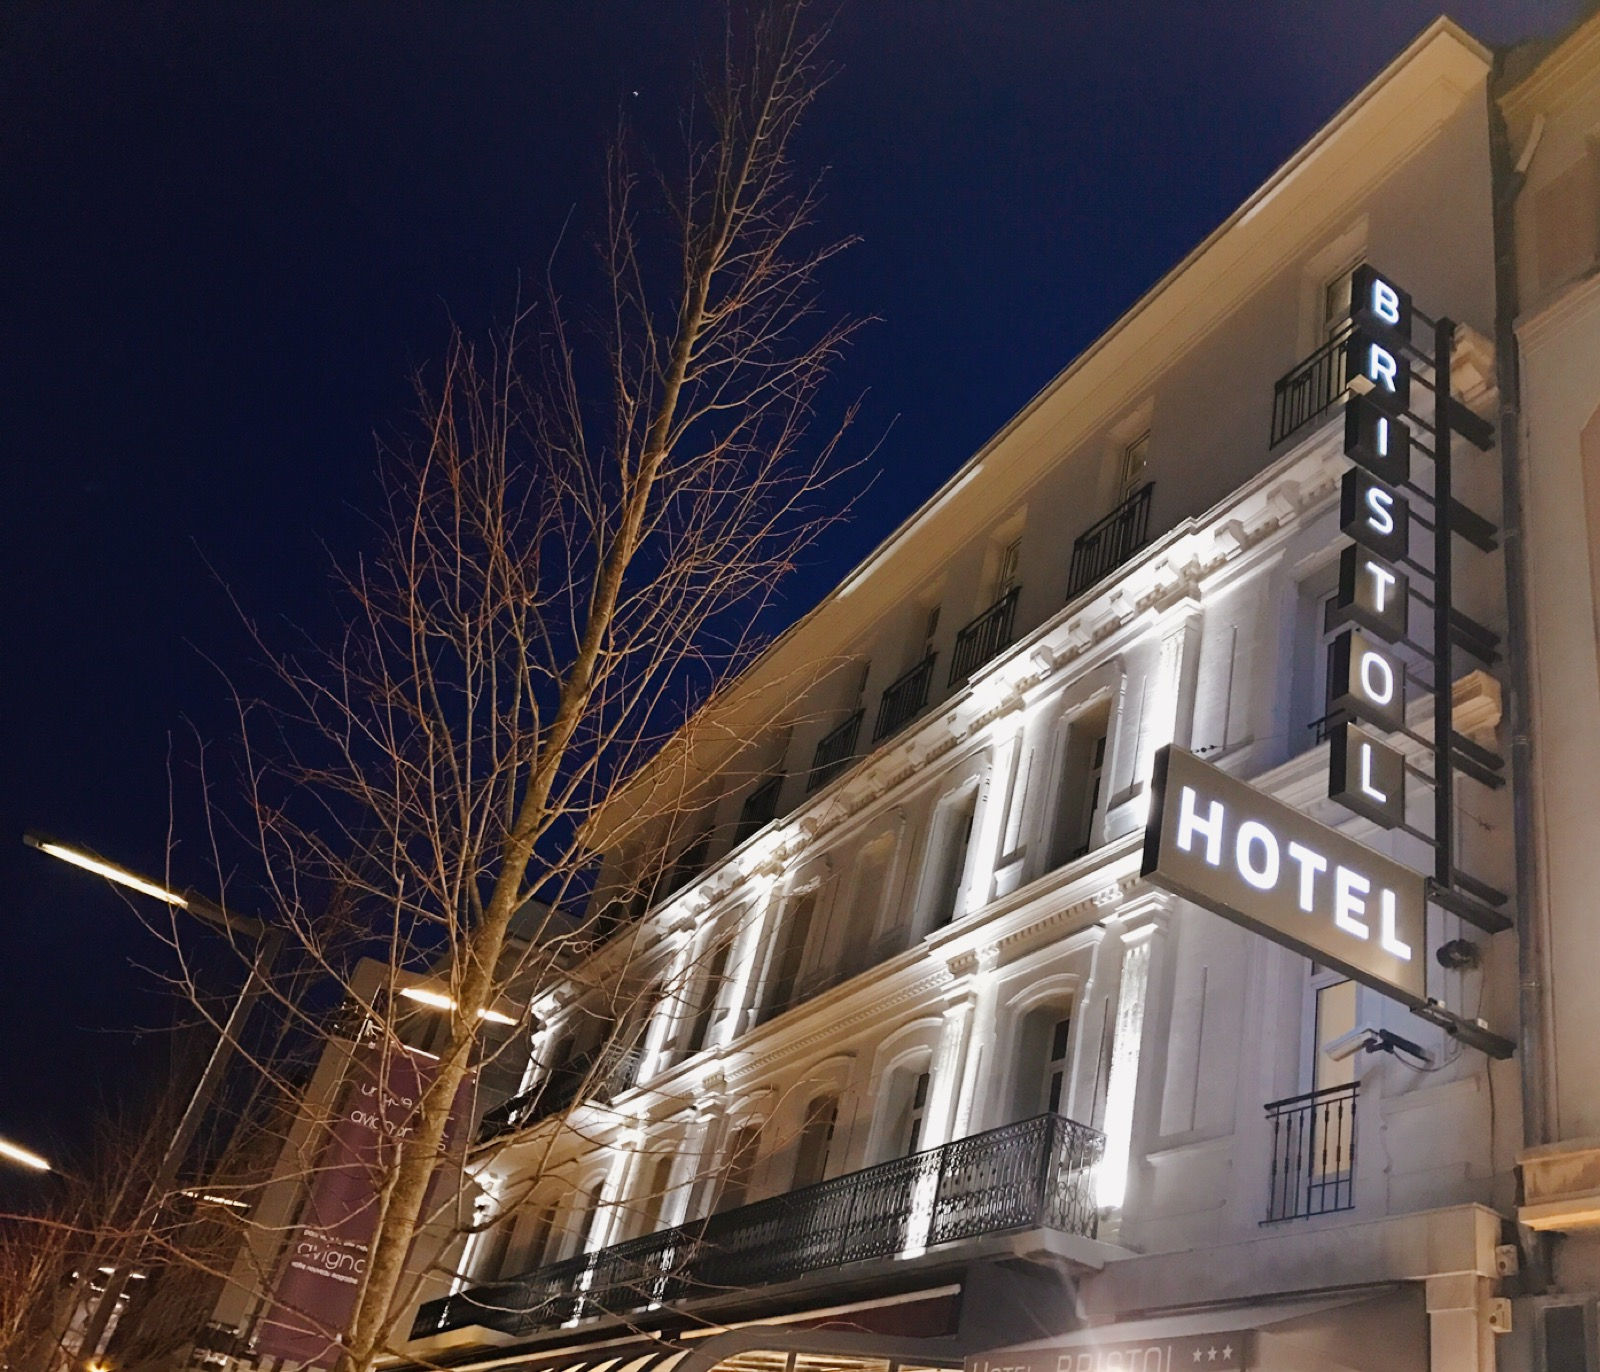 Hôtel Bristol